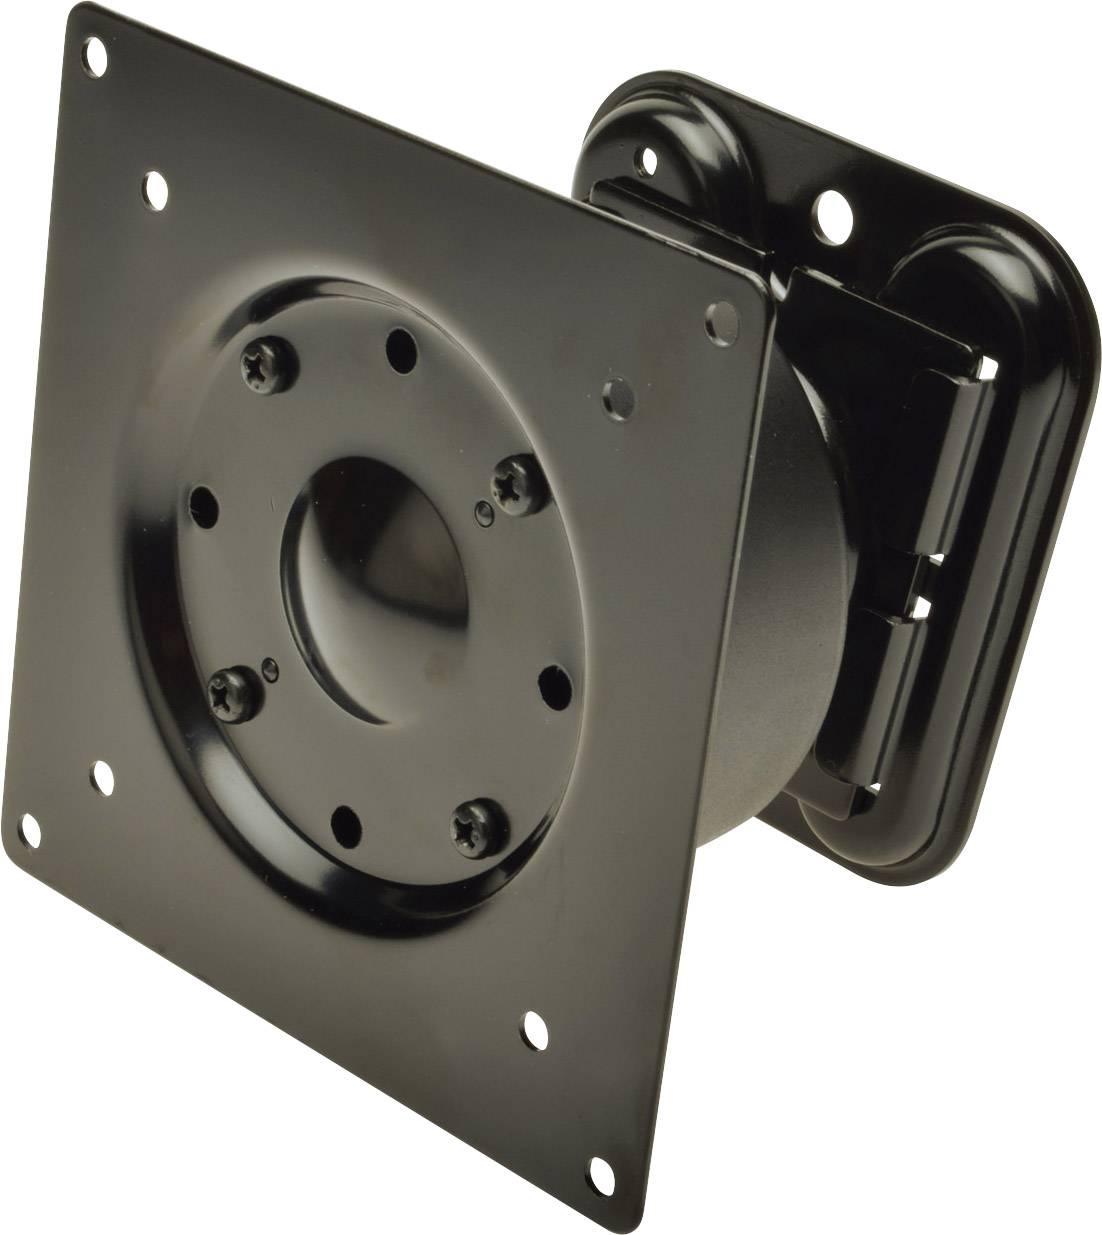 """Nástěnný držák na monitor, 38- 61 cm (15"""" - 24""""), černá, Digitus"""